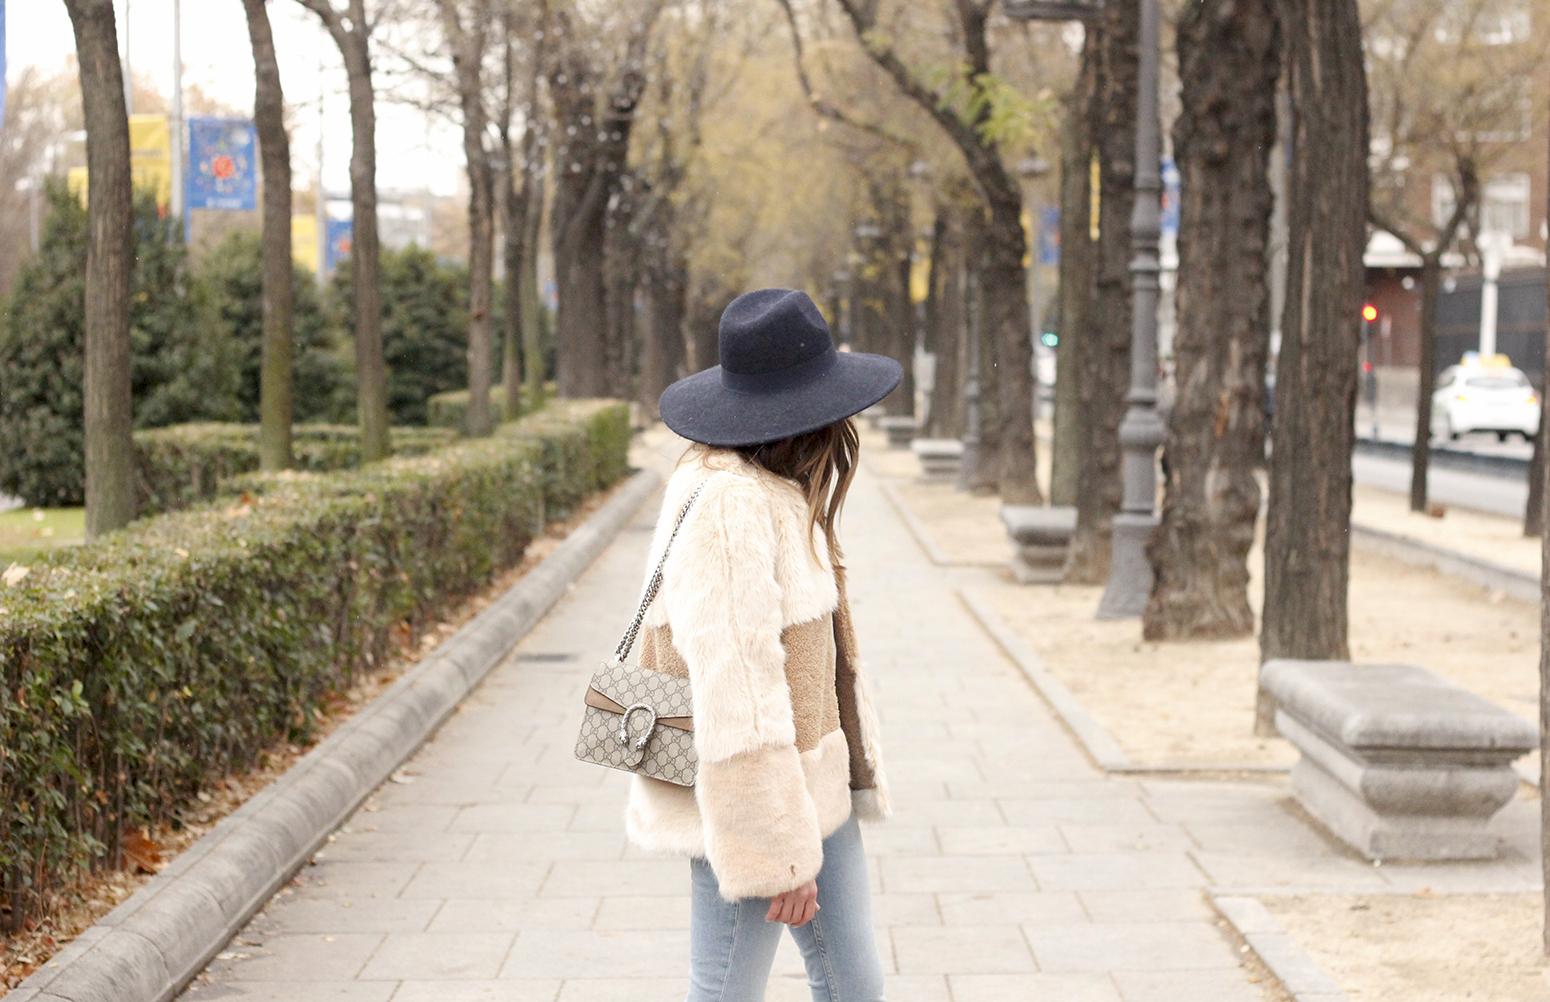 Beige faux fur coat zara blue hat nude heels jeans style fashion outfit winter 11